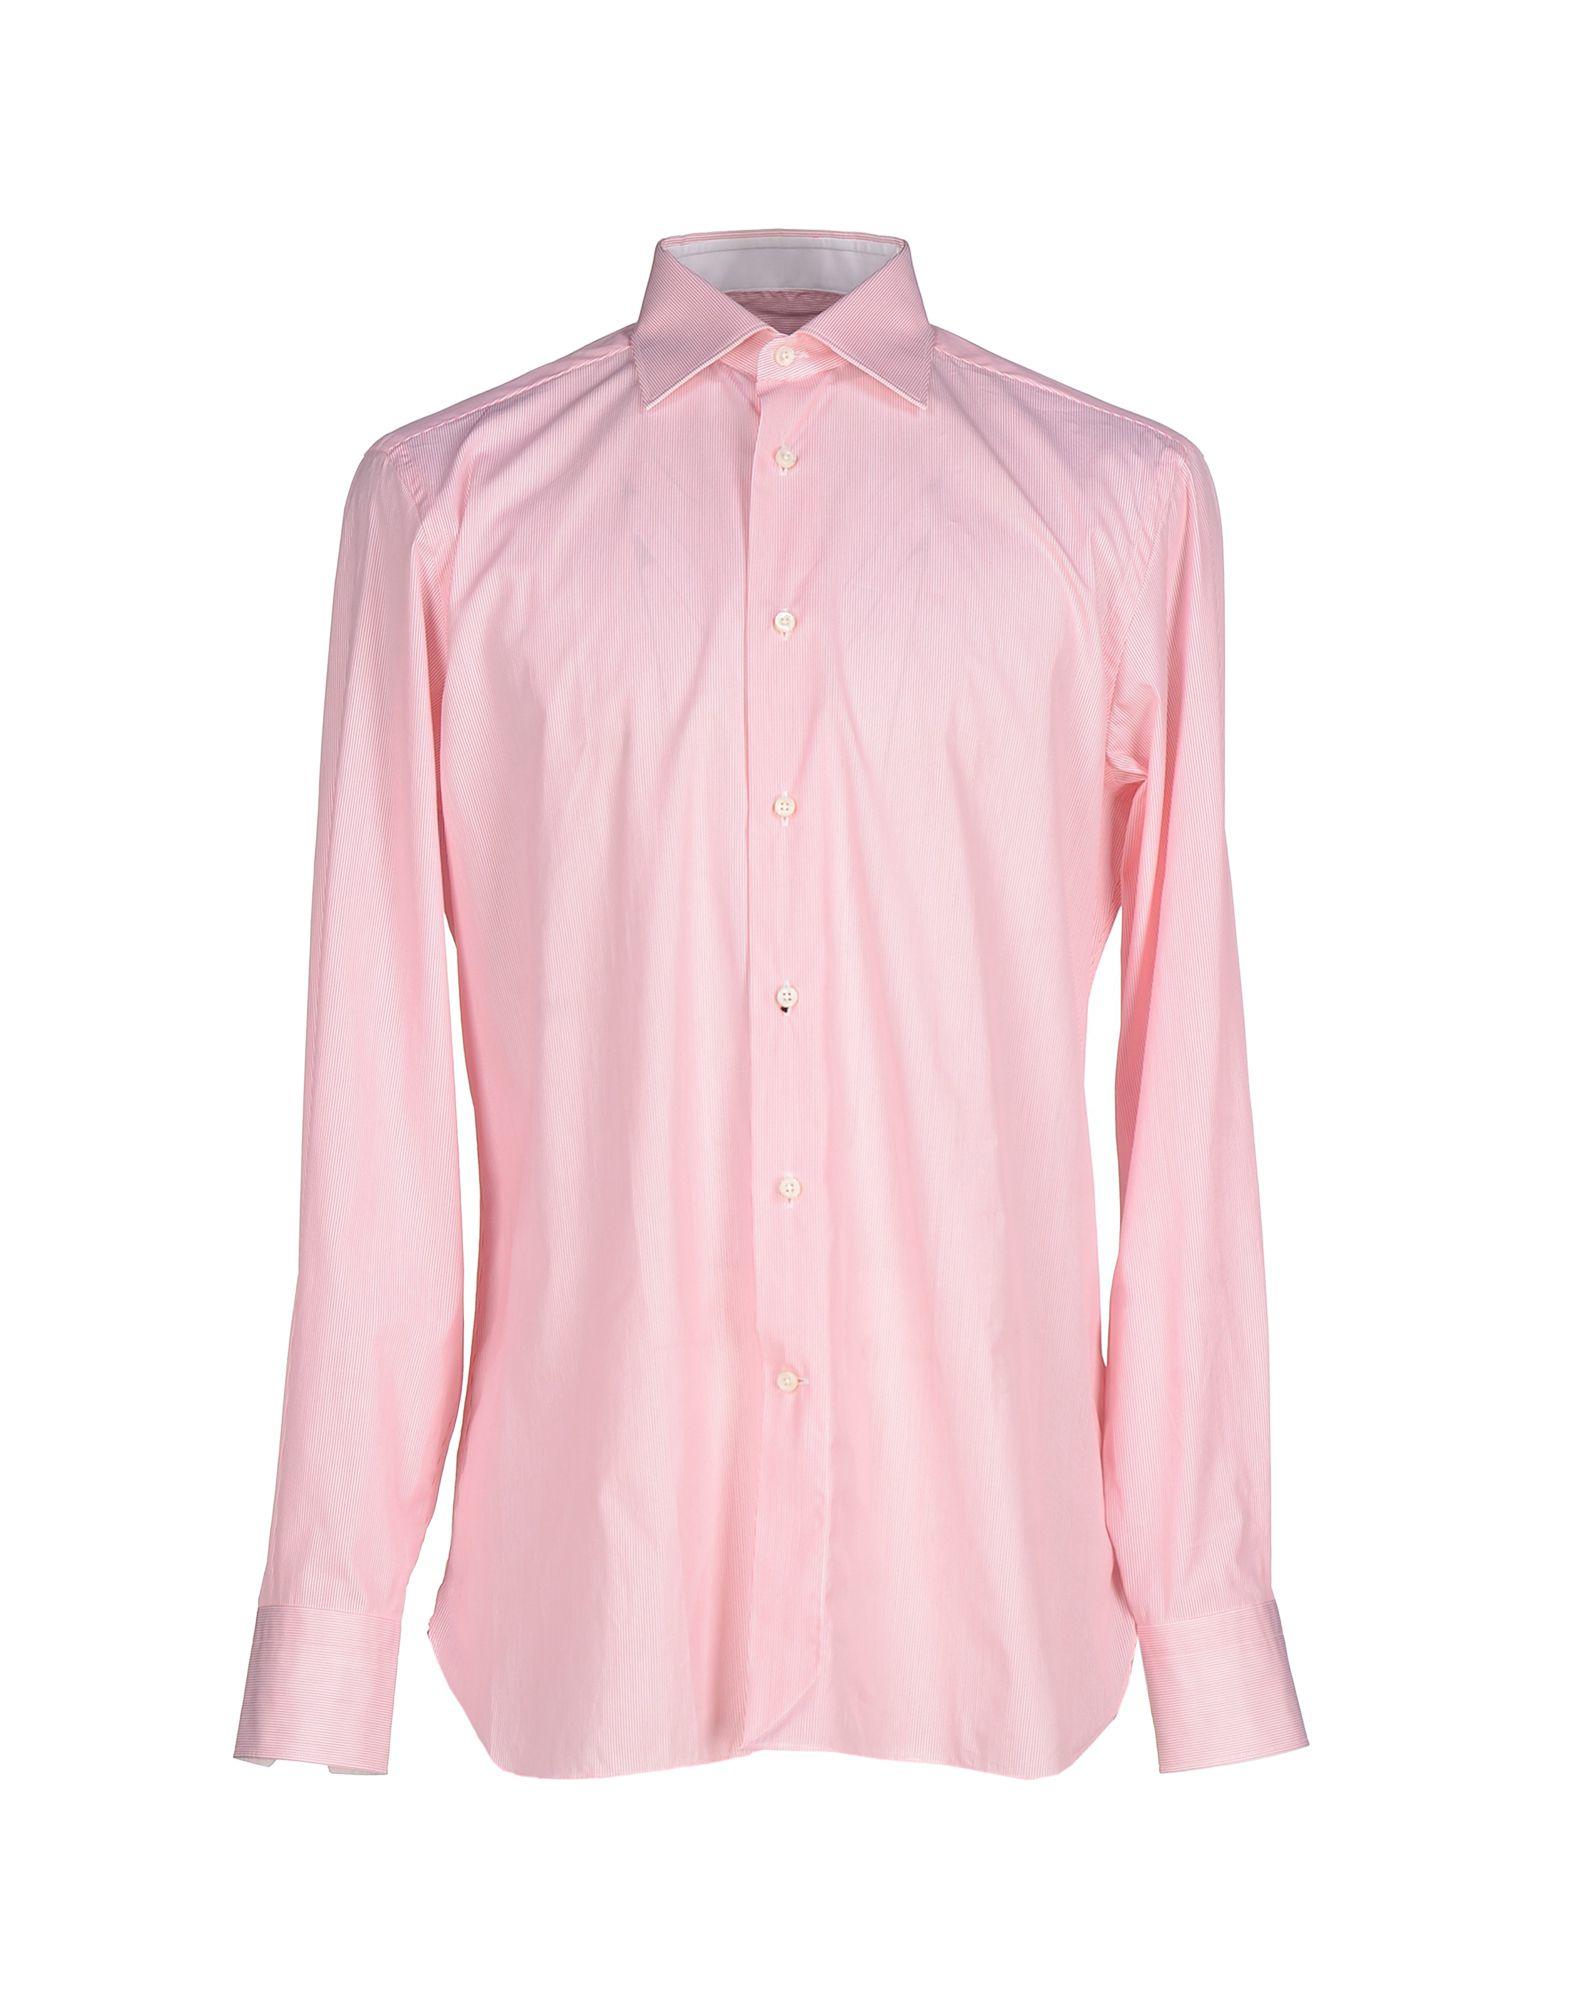 ermenegildo zegna shirt in pink for men lyst. Black Bedroom Furniture Sets. Home Design Ideas